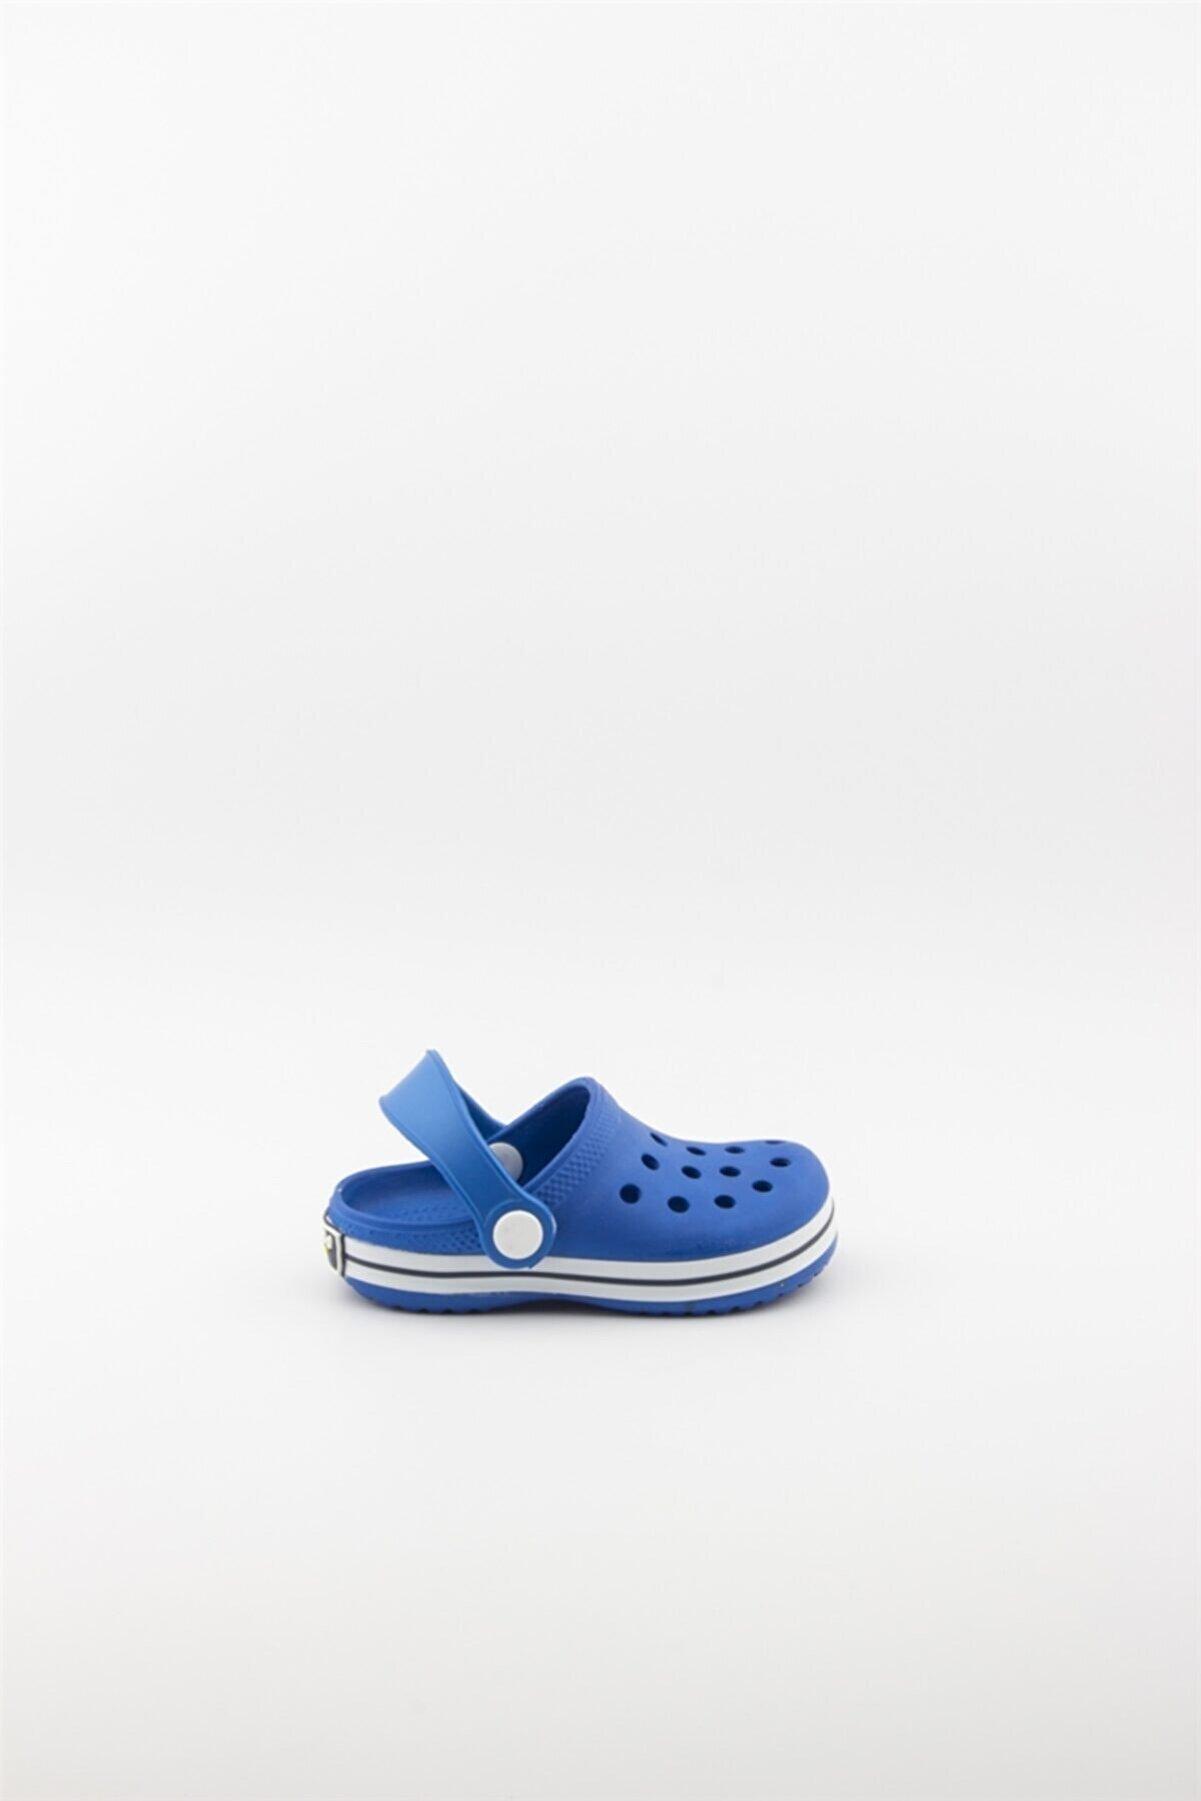 Akınalbella Çocuk Yazlık Sandalet / Terlik